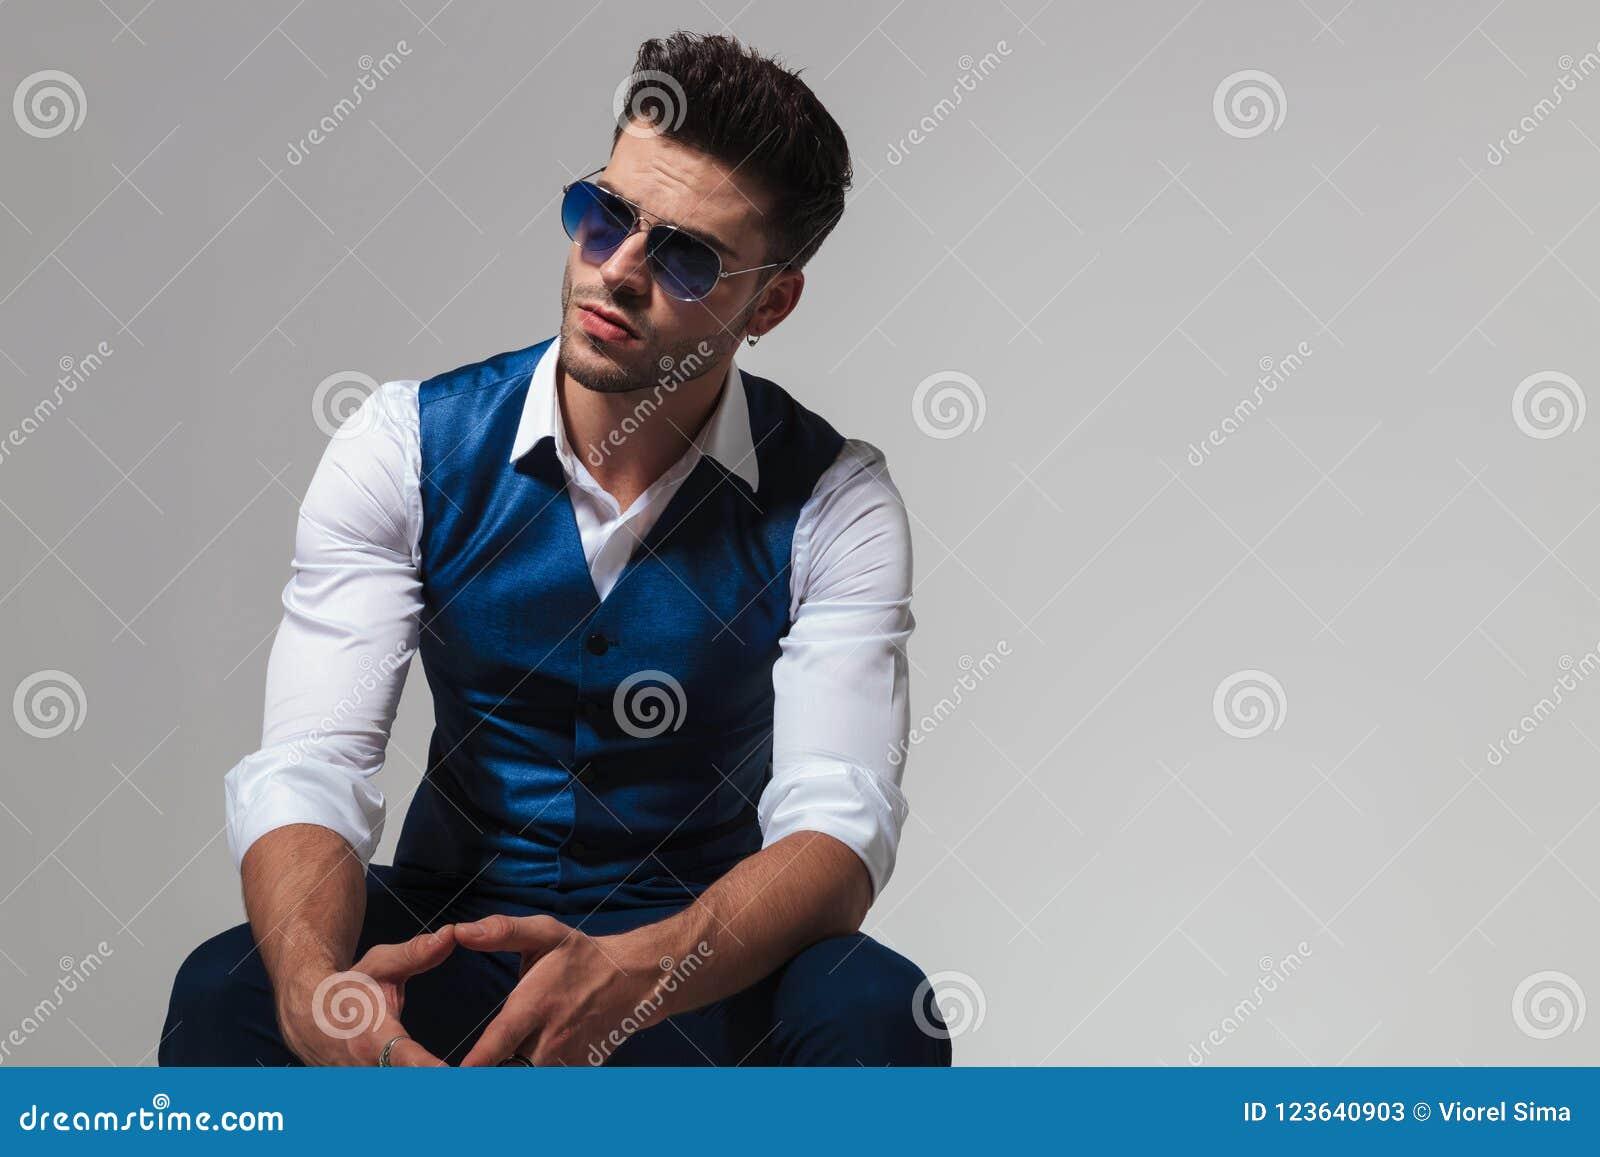 Chaleco De Sol Hombre Que Relajan Llevan Se Elegante Gafas Y Del nv0mwONy8P